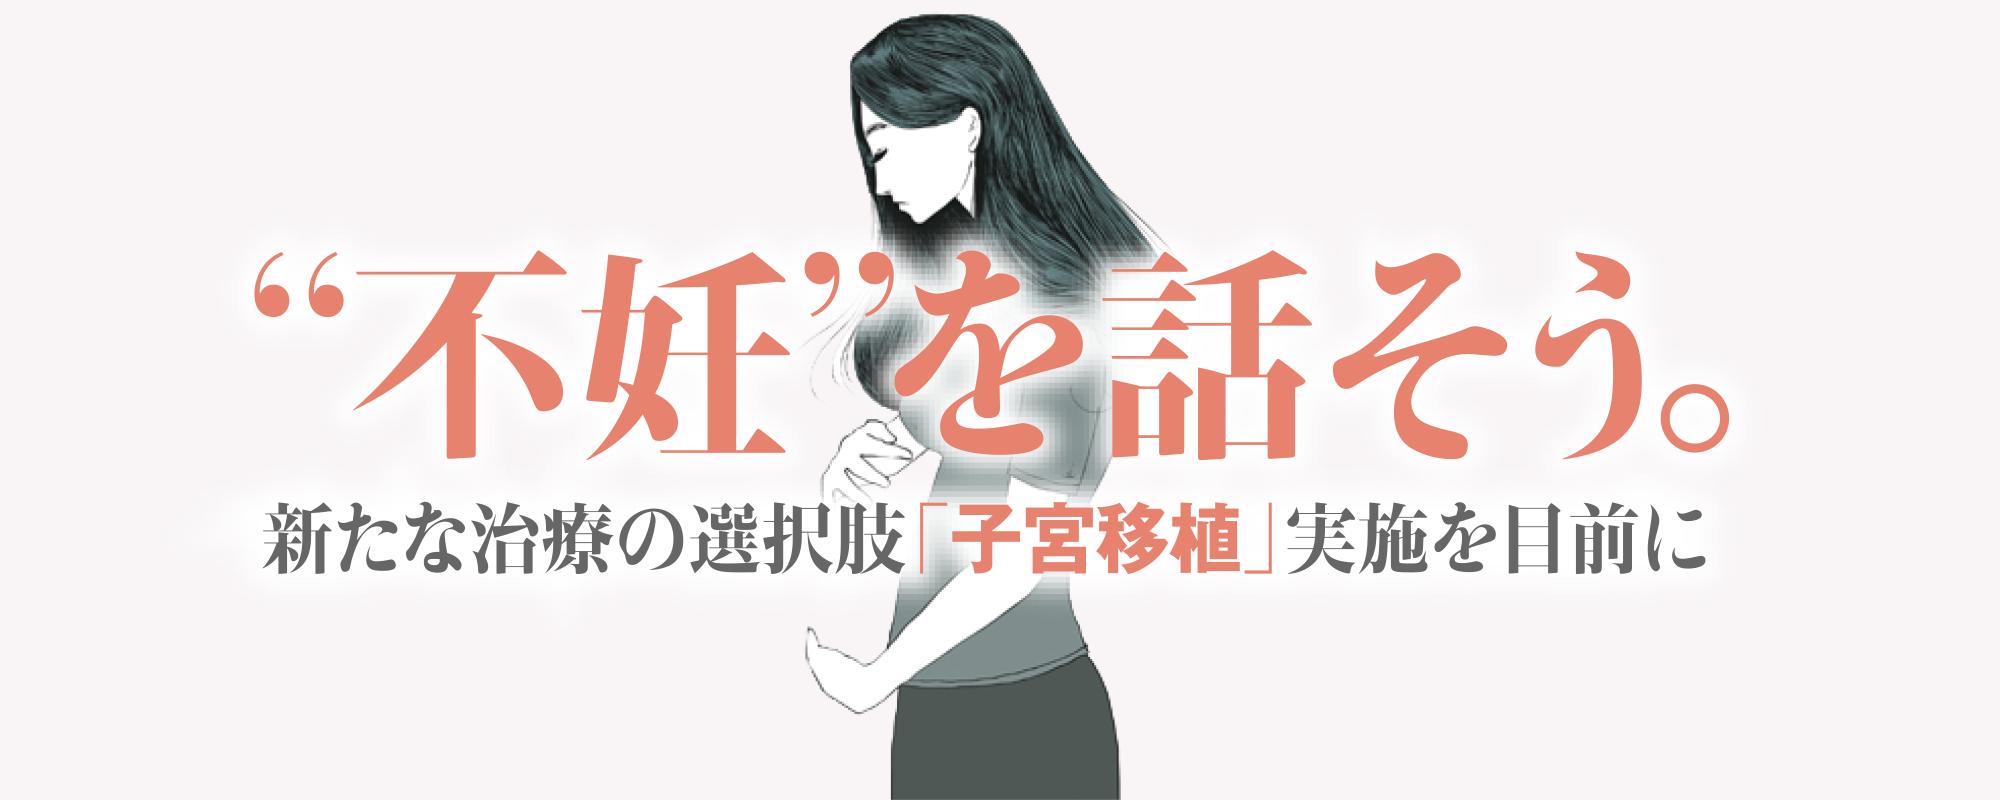 """""""不妊""""を話そう。新たな治療の選択肢「子宮移植」実施を前に - NHK クローズアップ現代+"""